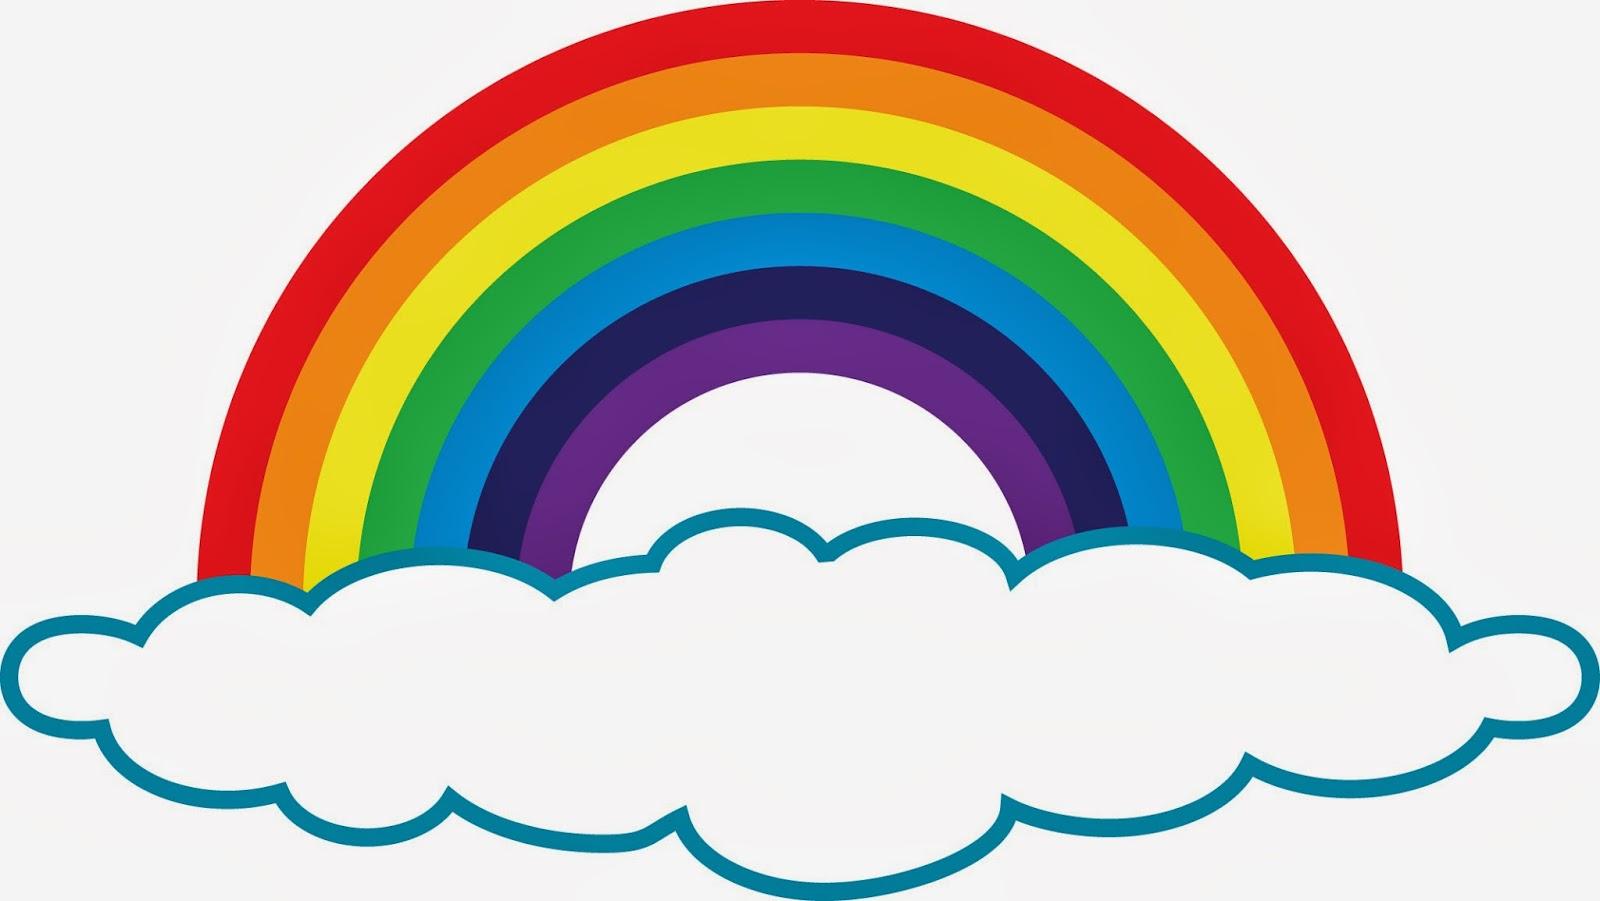 Art . Clipart rainbow